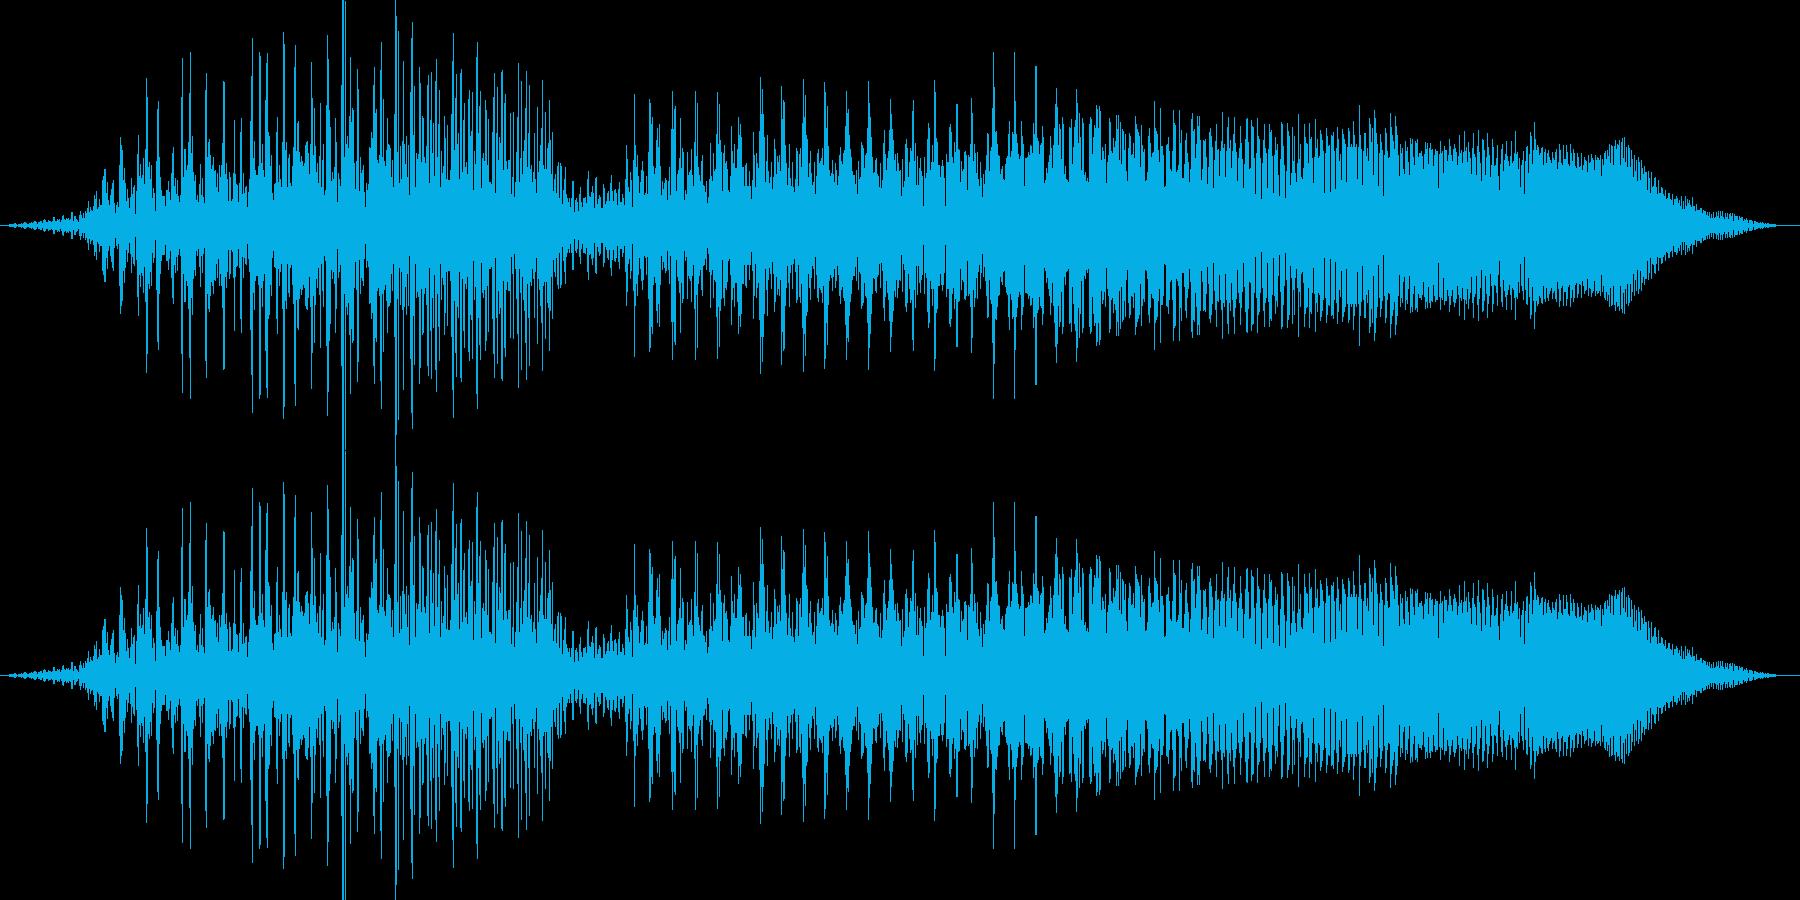 なにー!(勢いのある下町江戸っ子風)の再生済みの波形